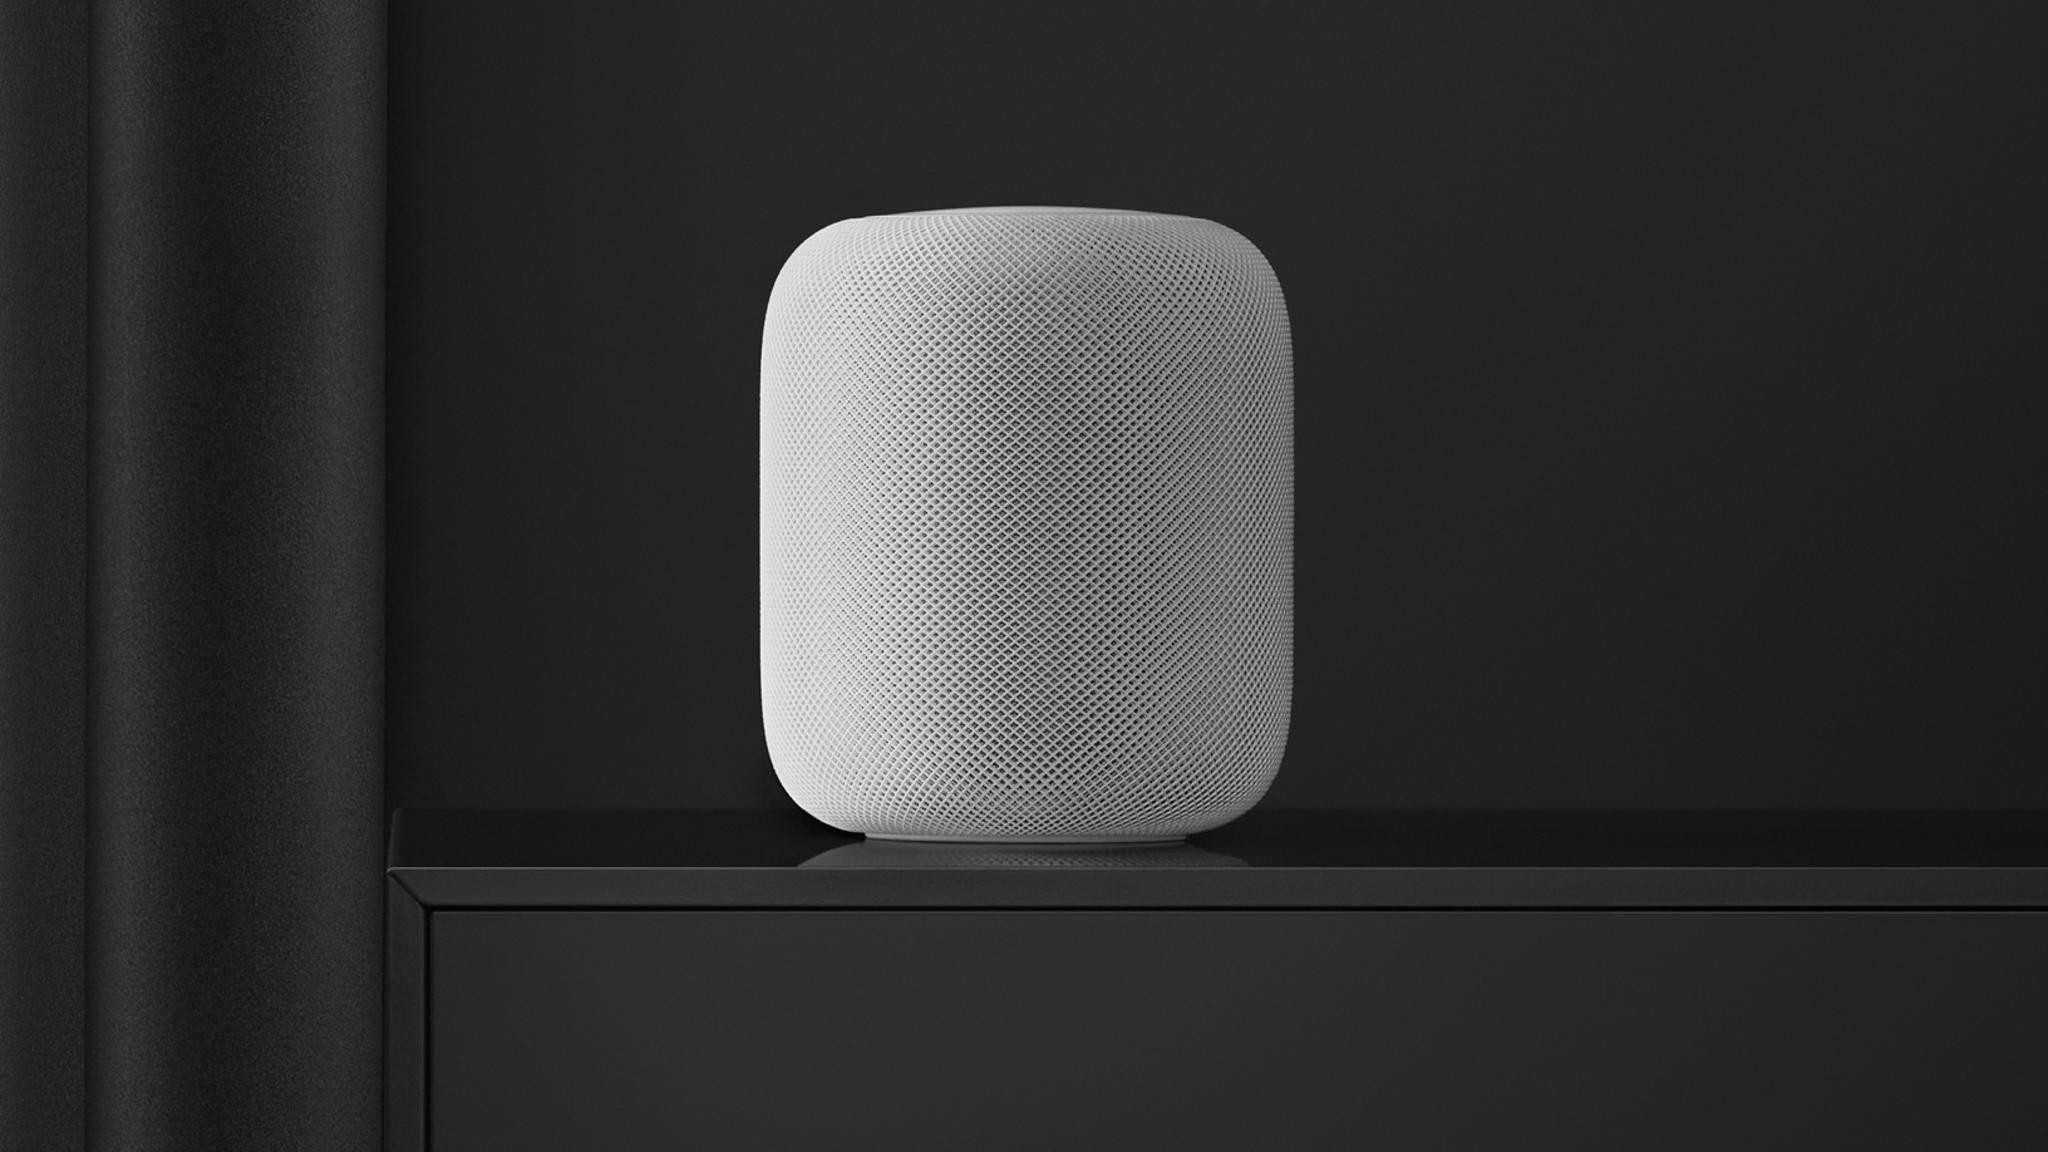 Vor allem der Apple HomePod würde von einem Multi-User-Support für Siri profitieren.